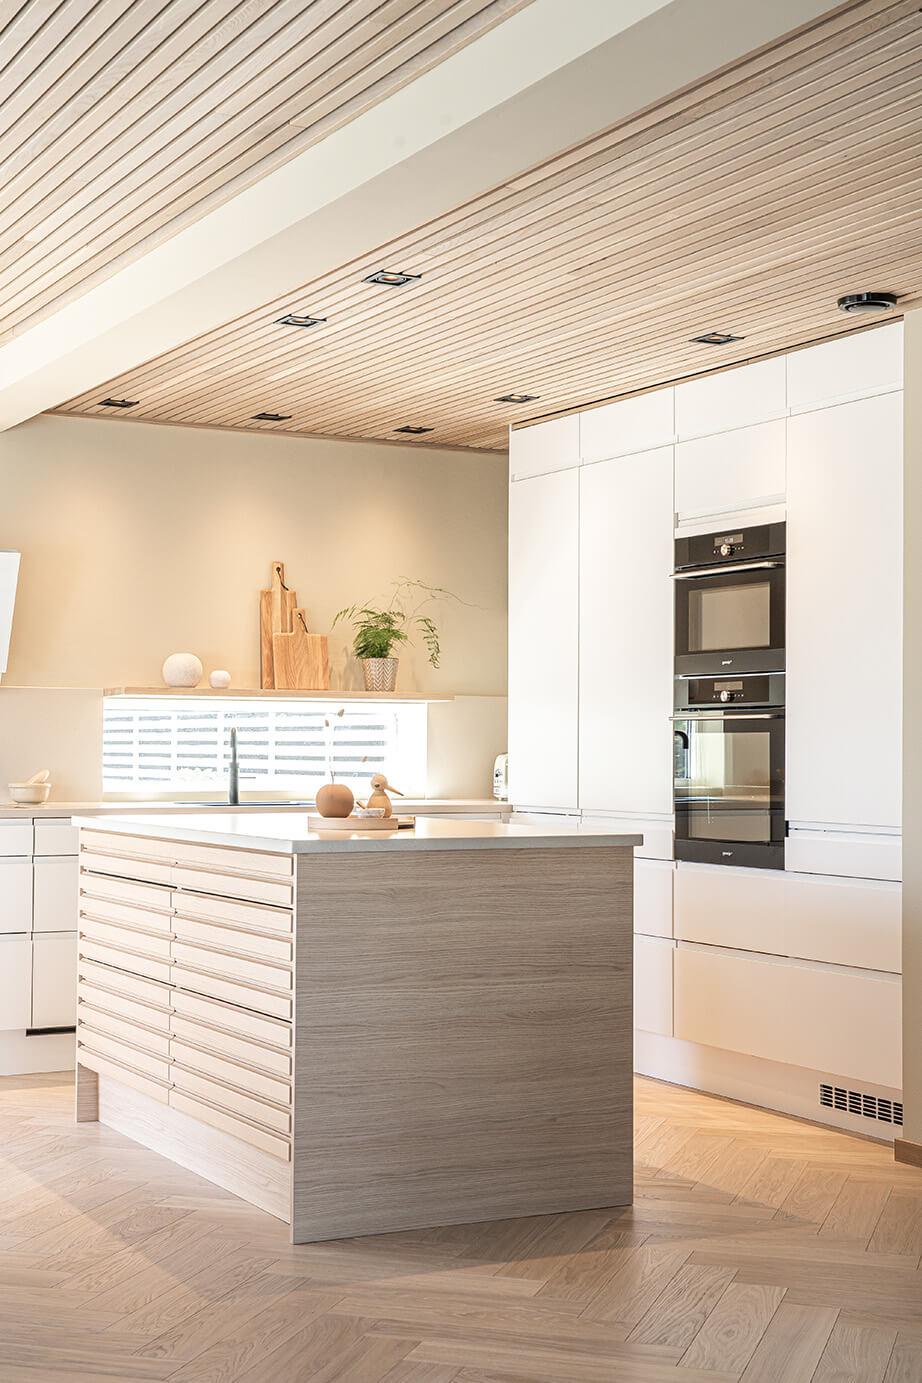 Lyst og lekkert kjøkken med kjøkkenøy i eikespiler, mot høyskapsvegg i hvite Mandalsfronter.